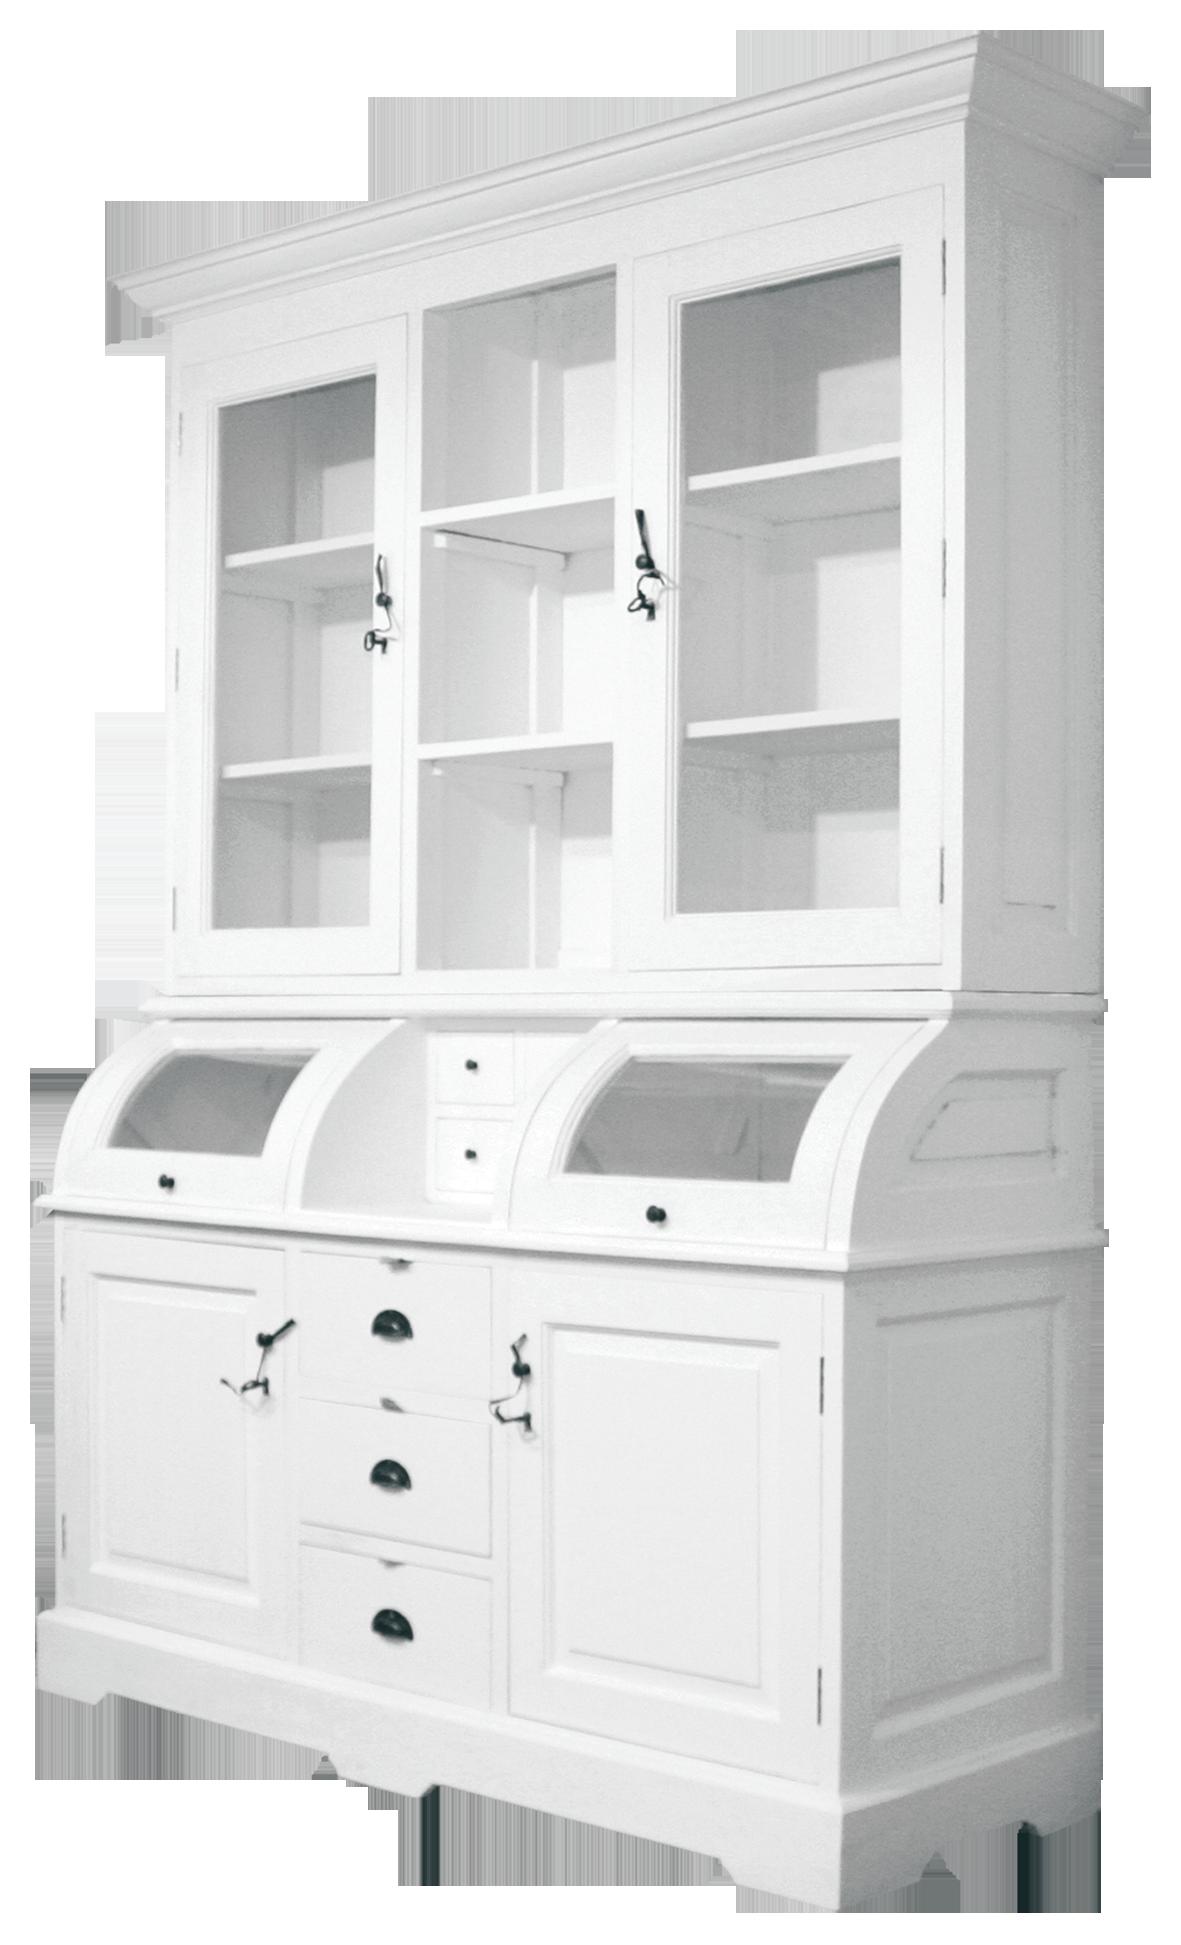 vintage buffet schrank 150 landhaus wei massivholz teakholz. Black Bedroom Furniture Sets. Home Design Ideas